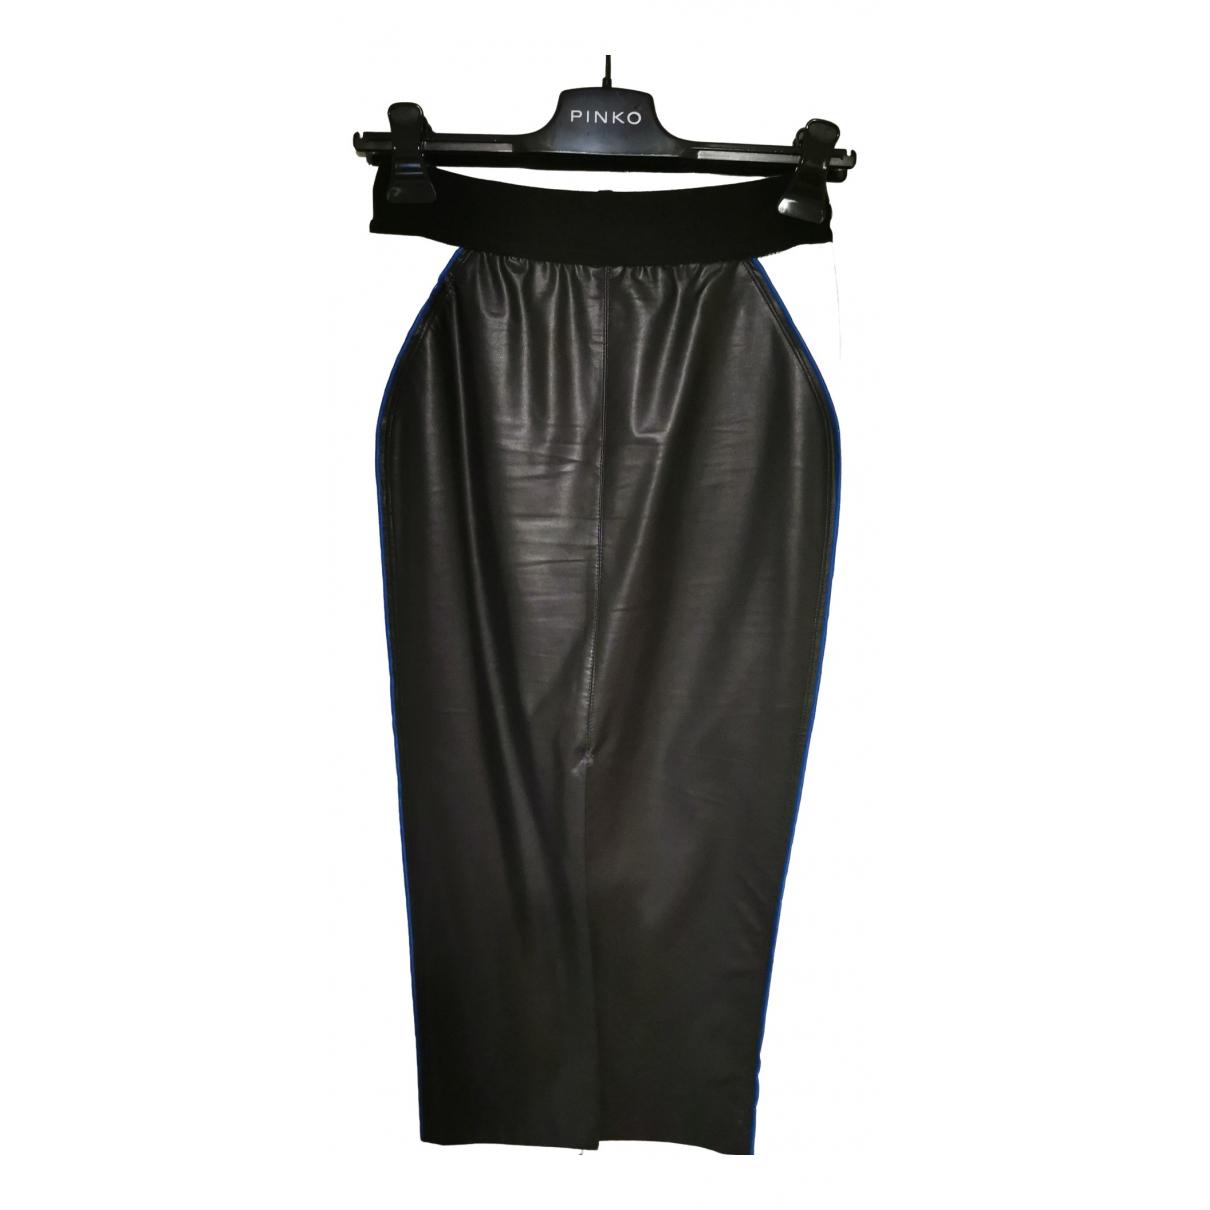 Pinko - Jupe   pour femme en cuir - noir